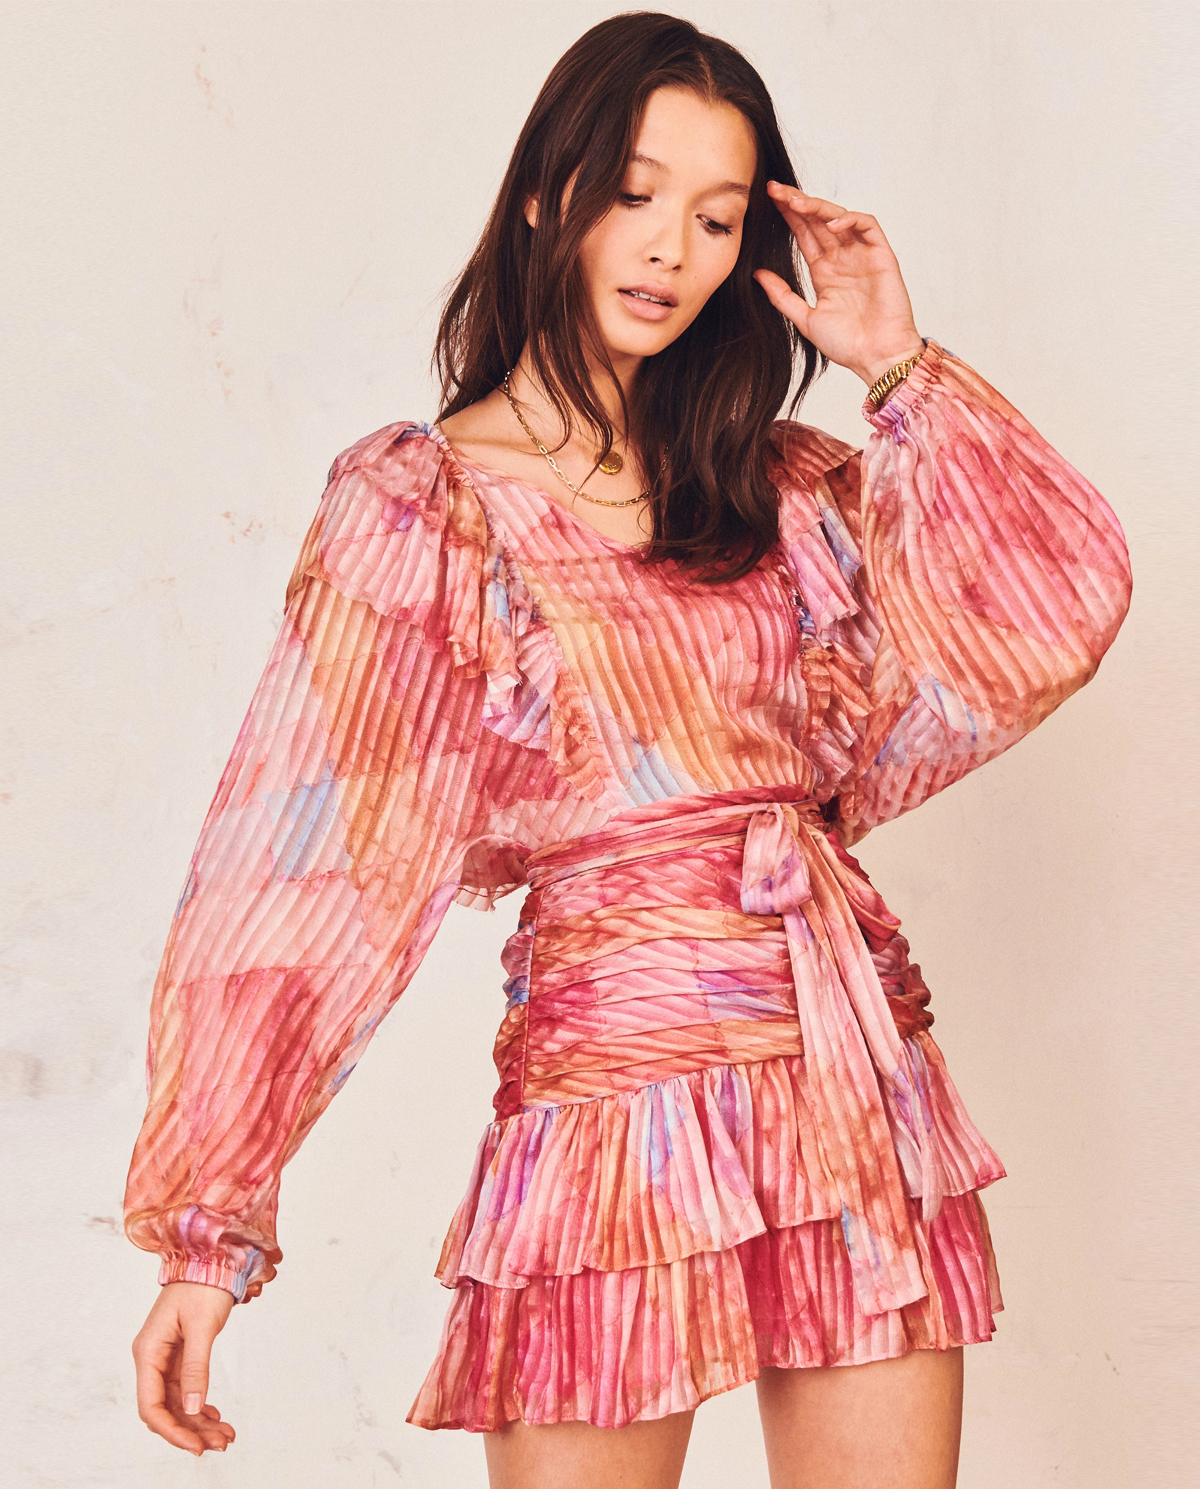 Damska sukienka mini z jedwabiu Moxie LD719-564 RAINC